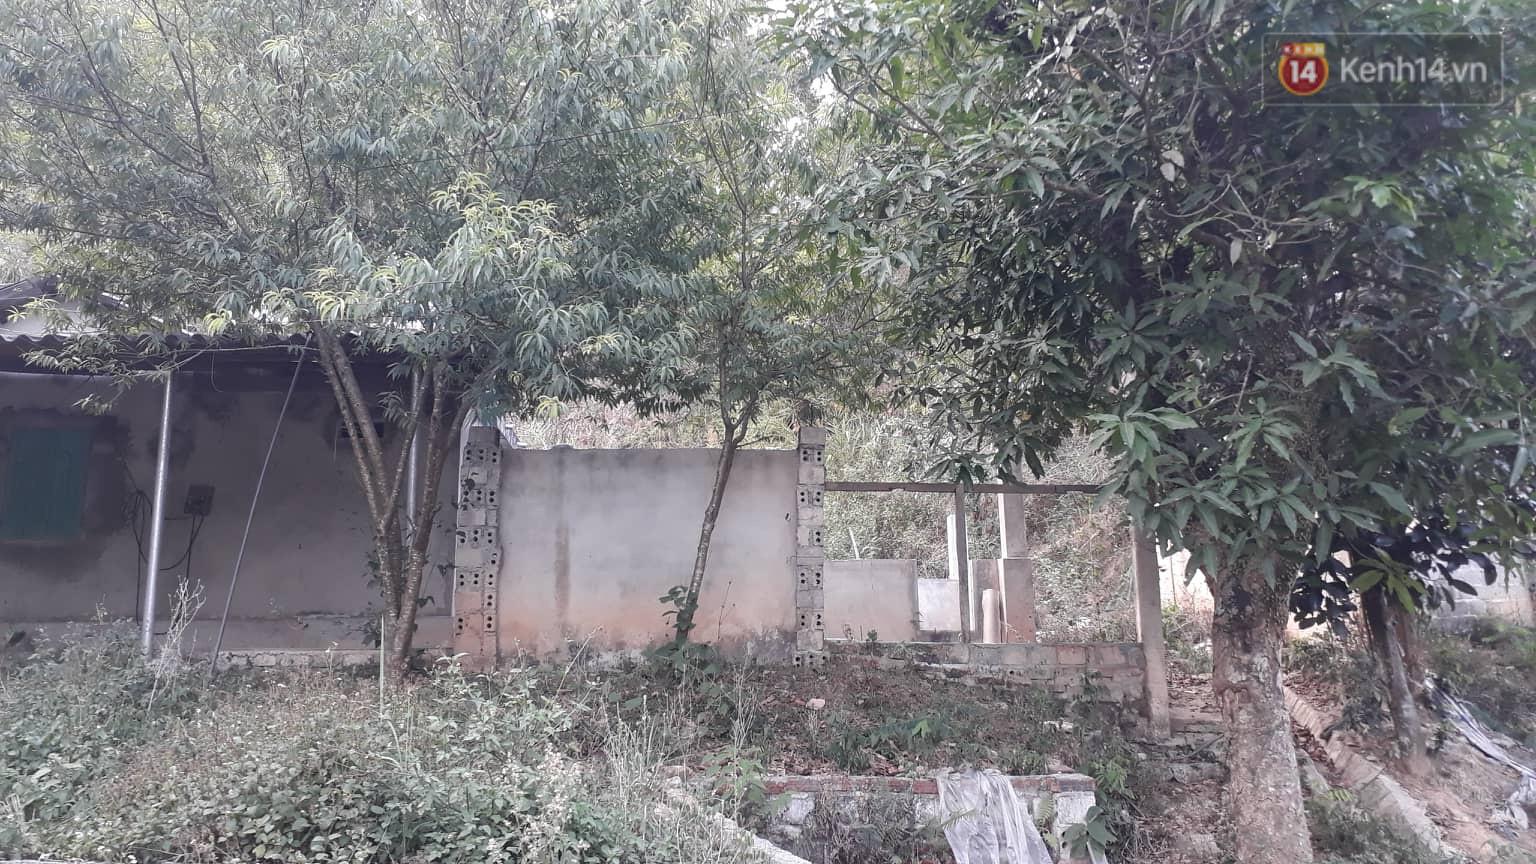 4 tháng sau vụ nữ sinh giao gà bị sát hại, căn nhà của vợ chồng Bùi Văn Công trở nên lạnh lẽo, hàng xóm có những chia sẻ bất ngờ - Ảnh 3.